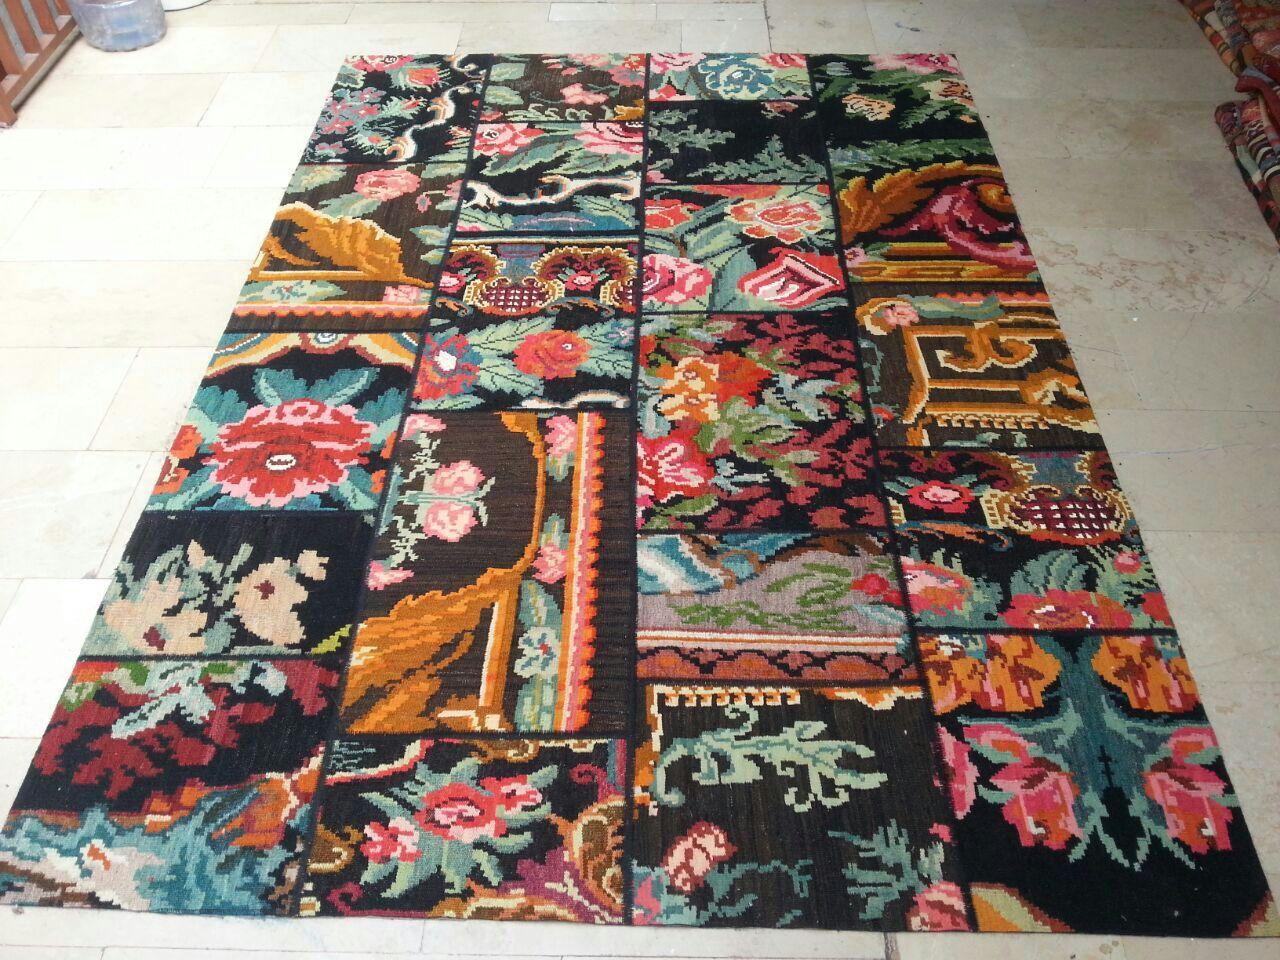 Rozenkelim patchwork  701 (240cm x 170cm) rozenkelim patchwork, inclusief onderkleed van katoen.